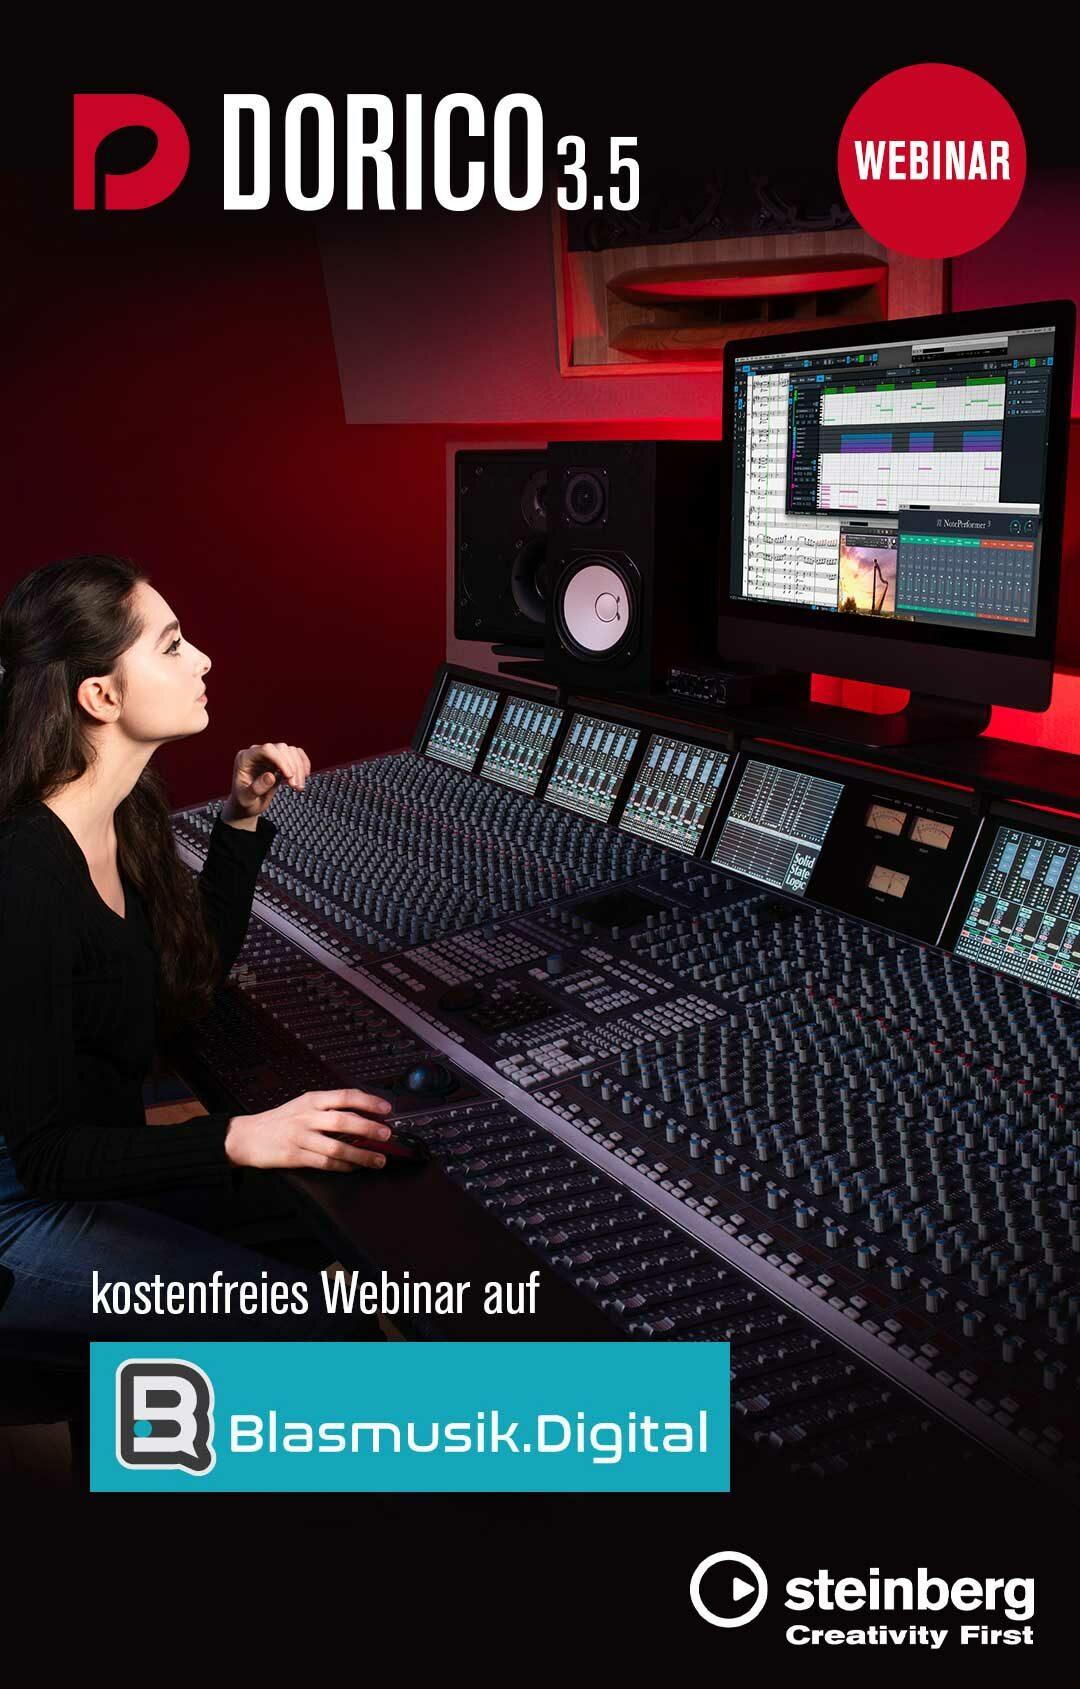 Steinberg Media Technologies GmbH - Sponsor von Blasmusik.Digital